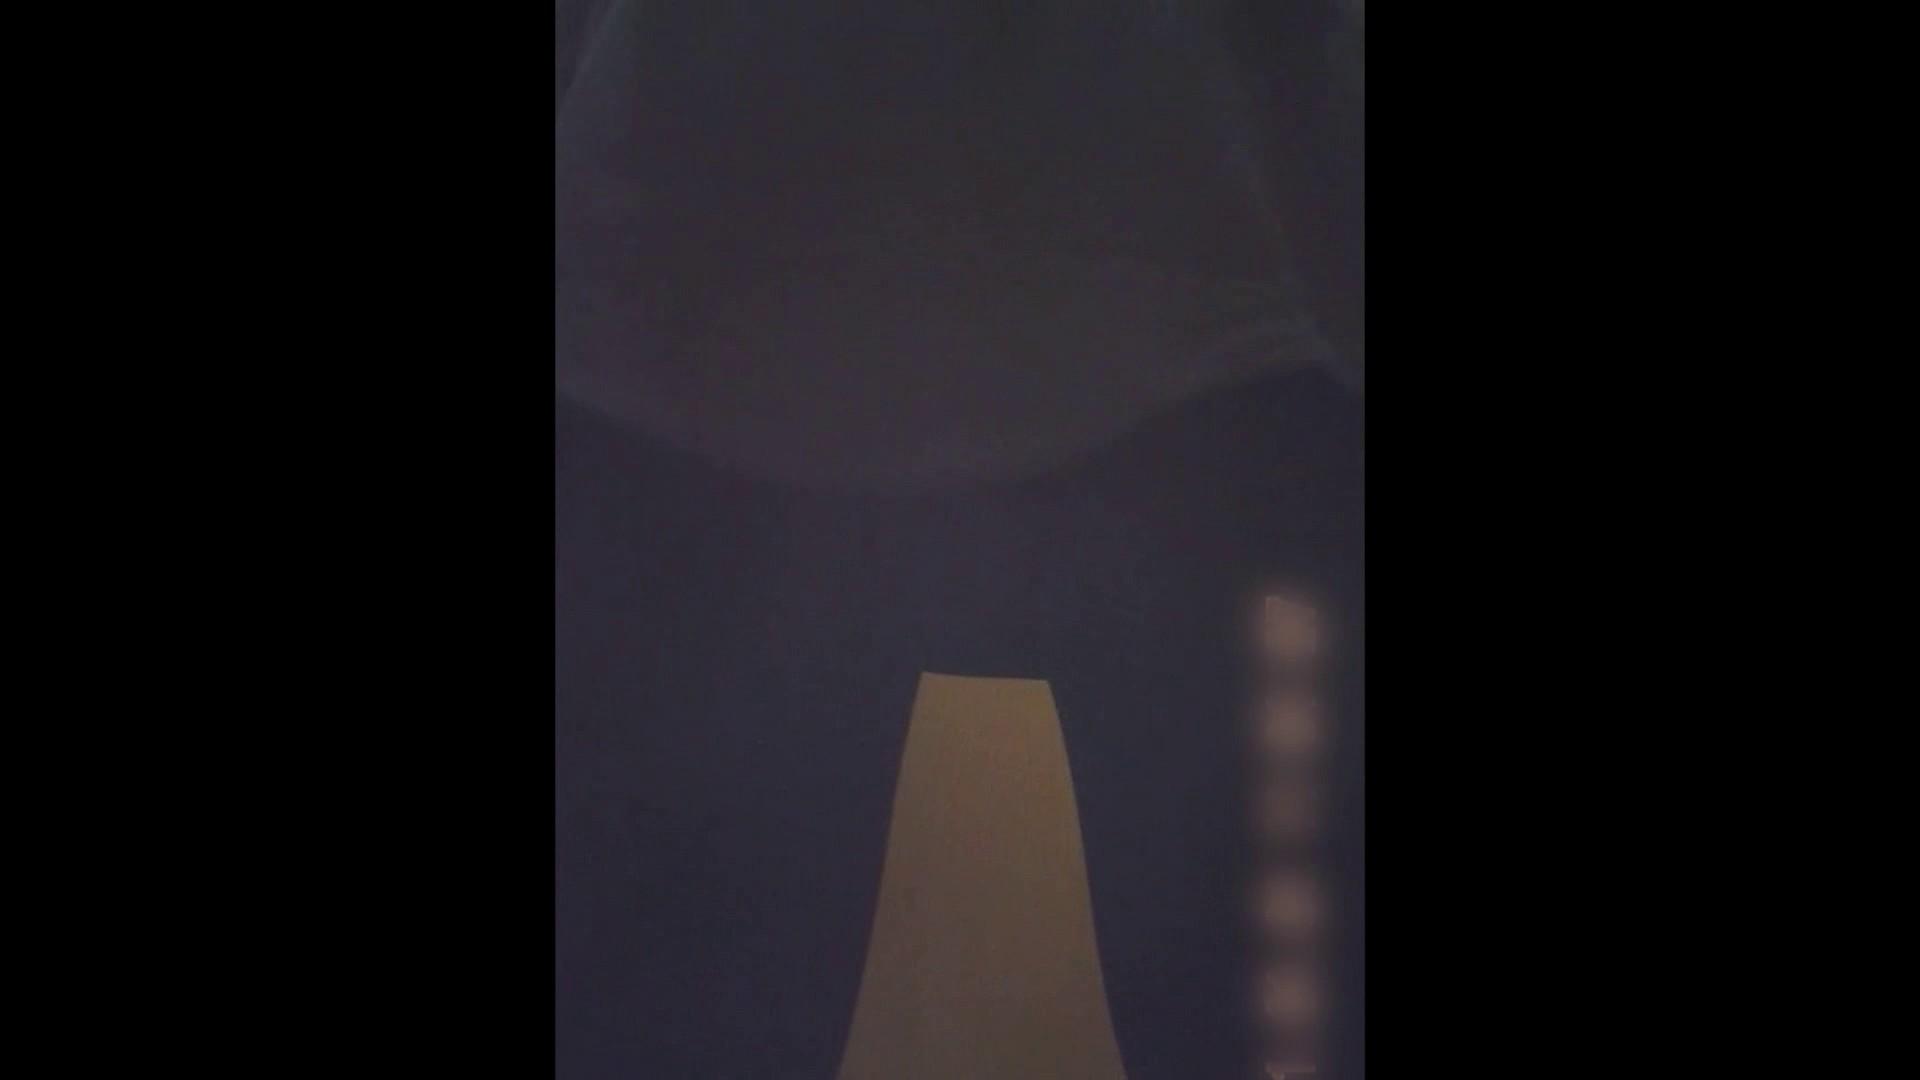 潜伏韓国トイレ北緯38度線!Vol.02 トイレ | OLすけべ画像  71連発 64